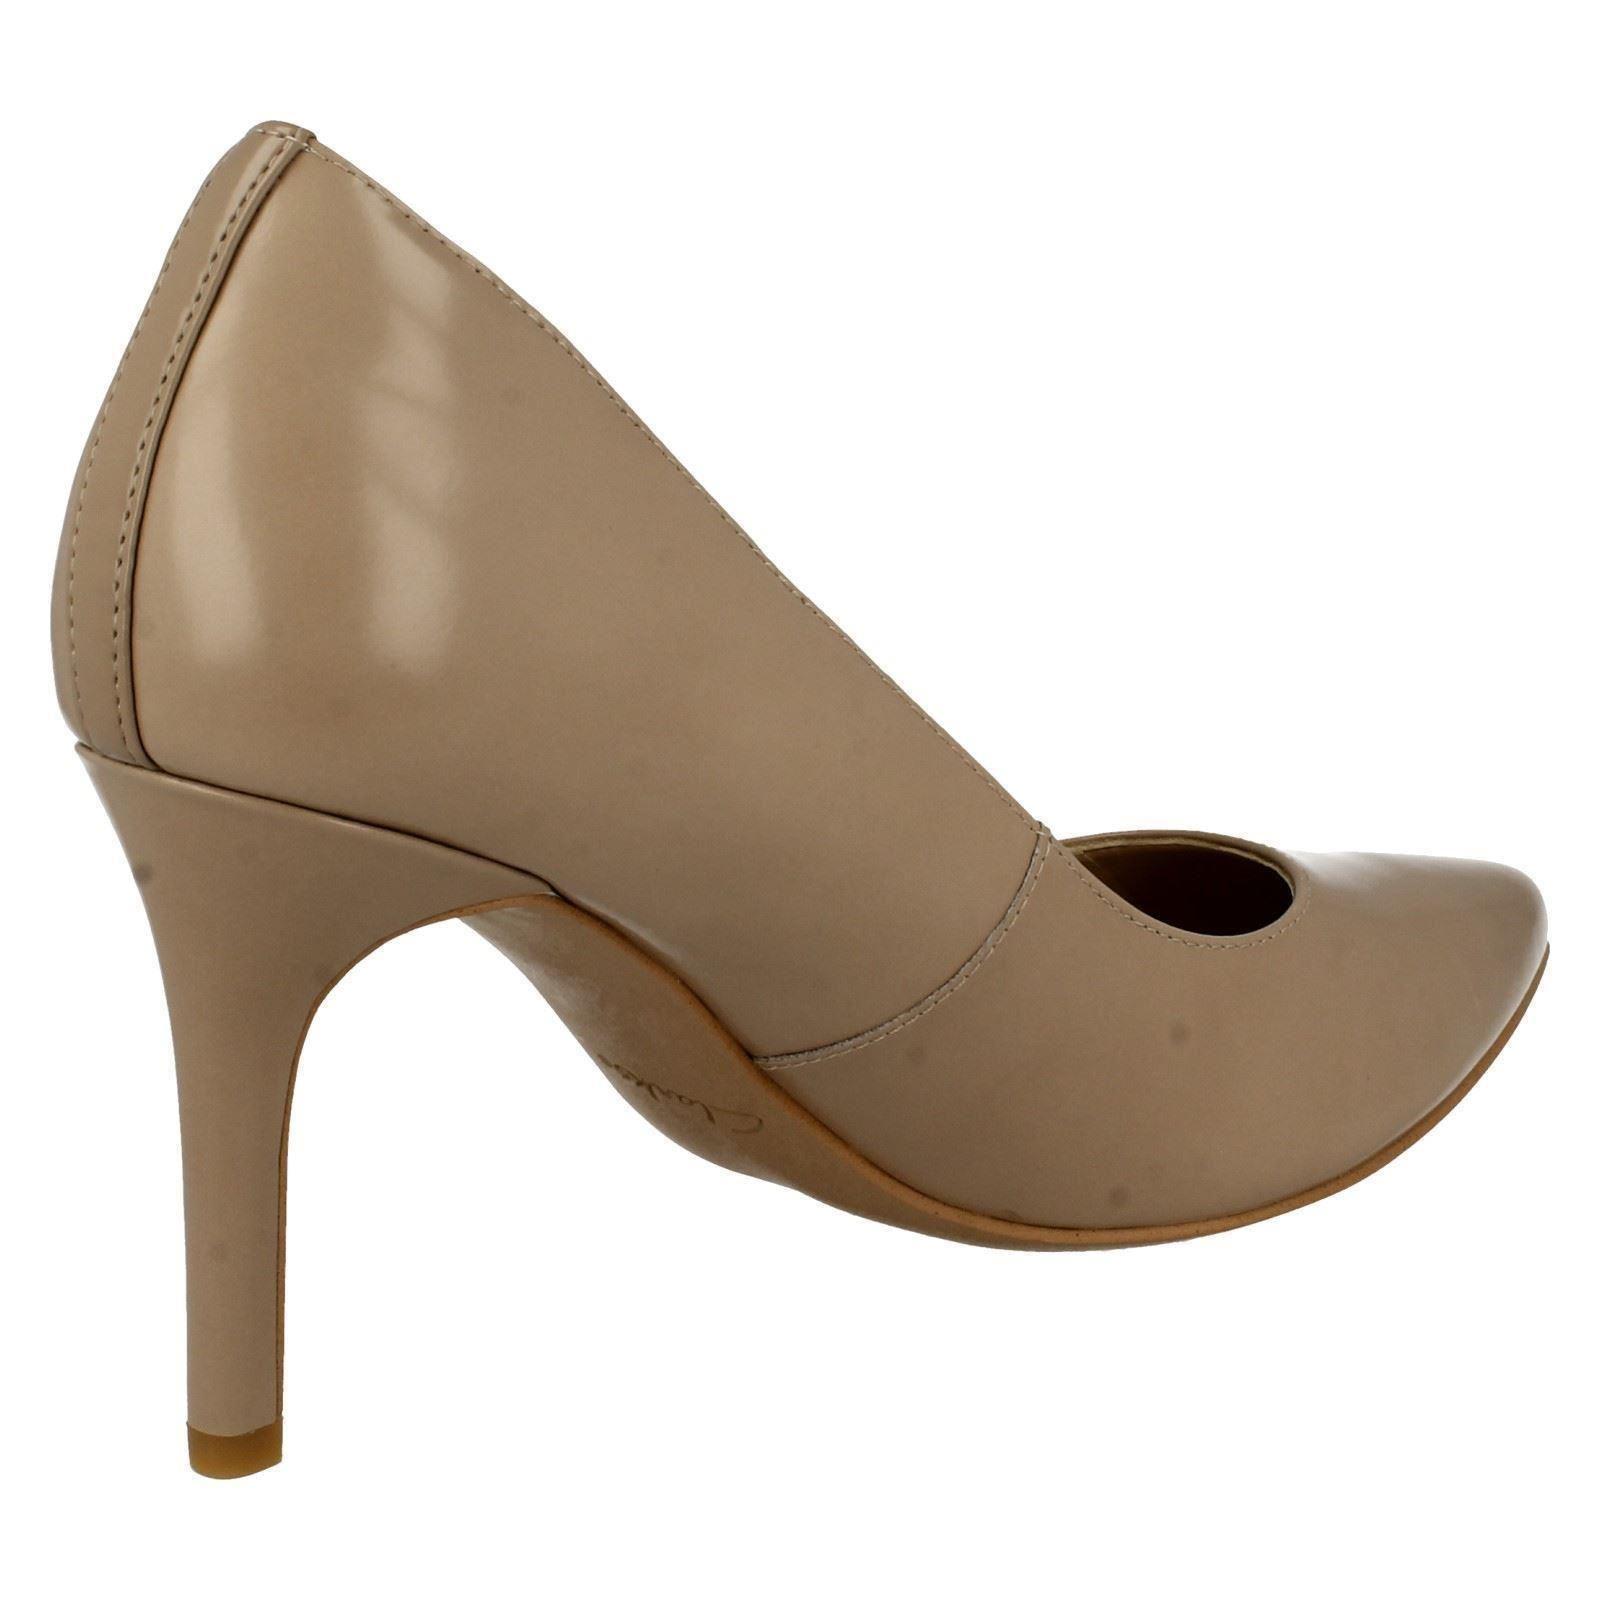 Ladies-Clarks-High-Heel-Shoes-Dinah-Keer